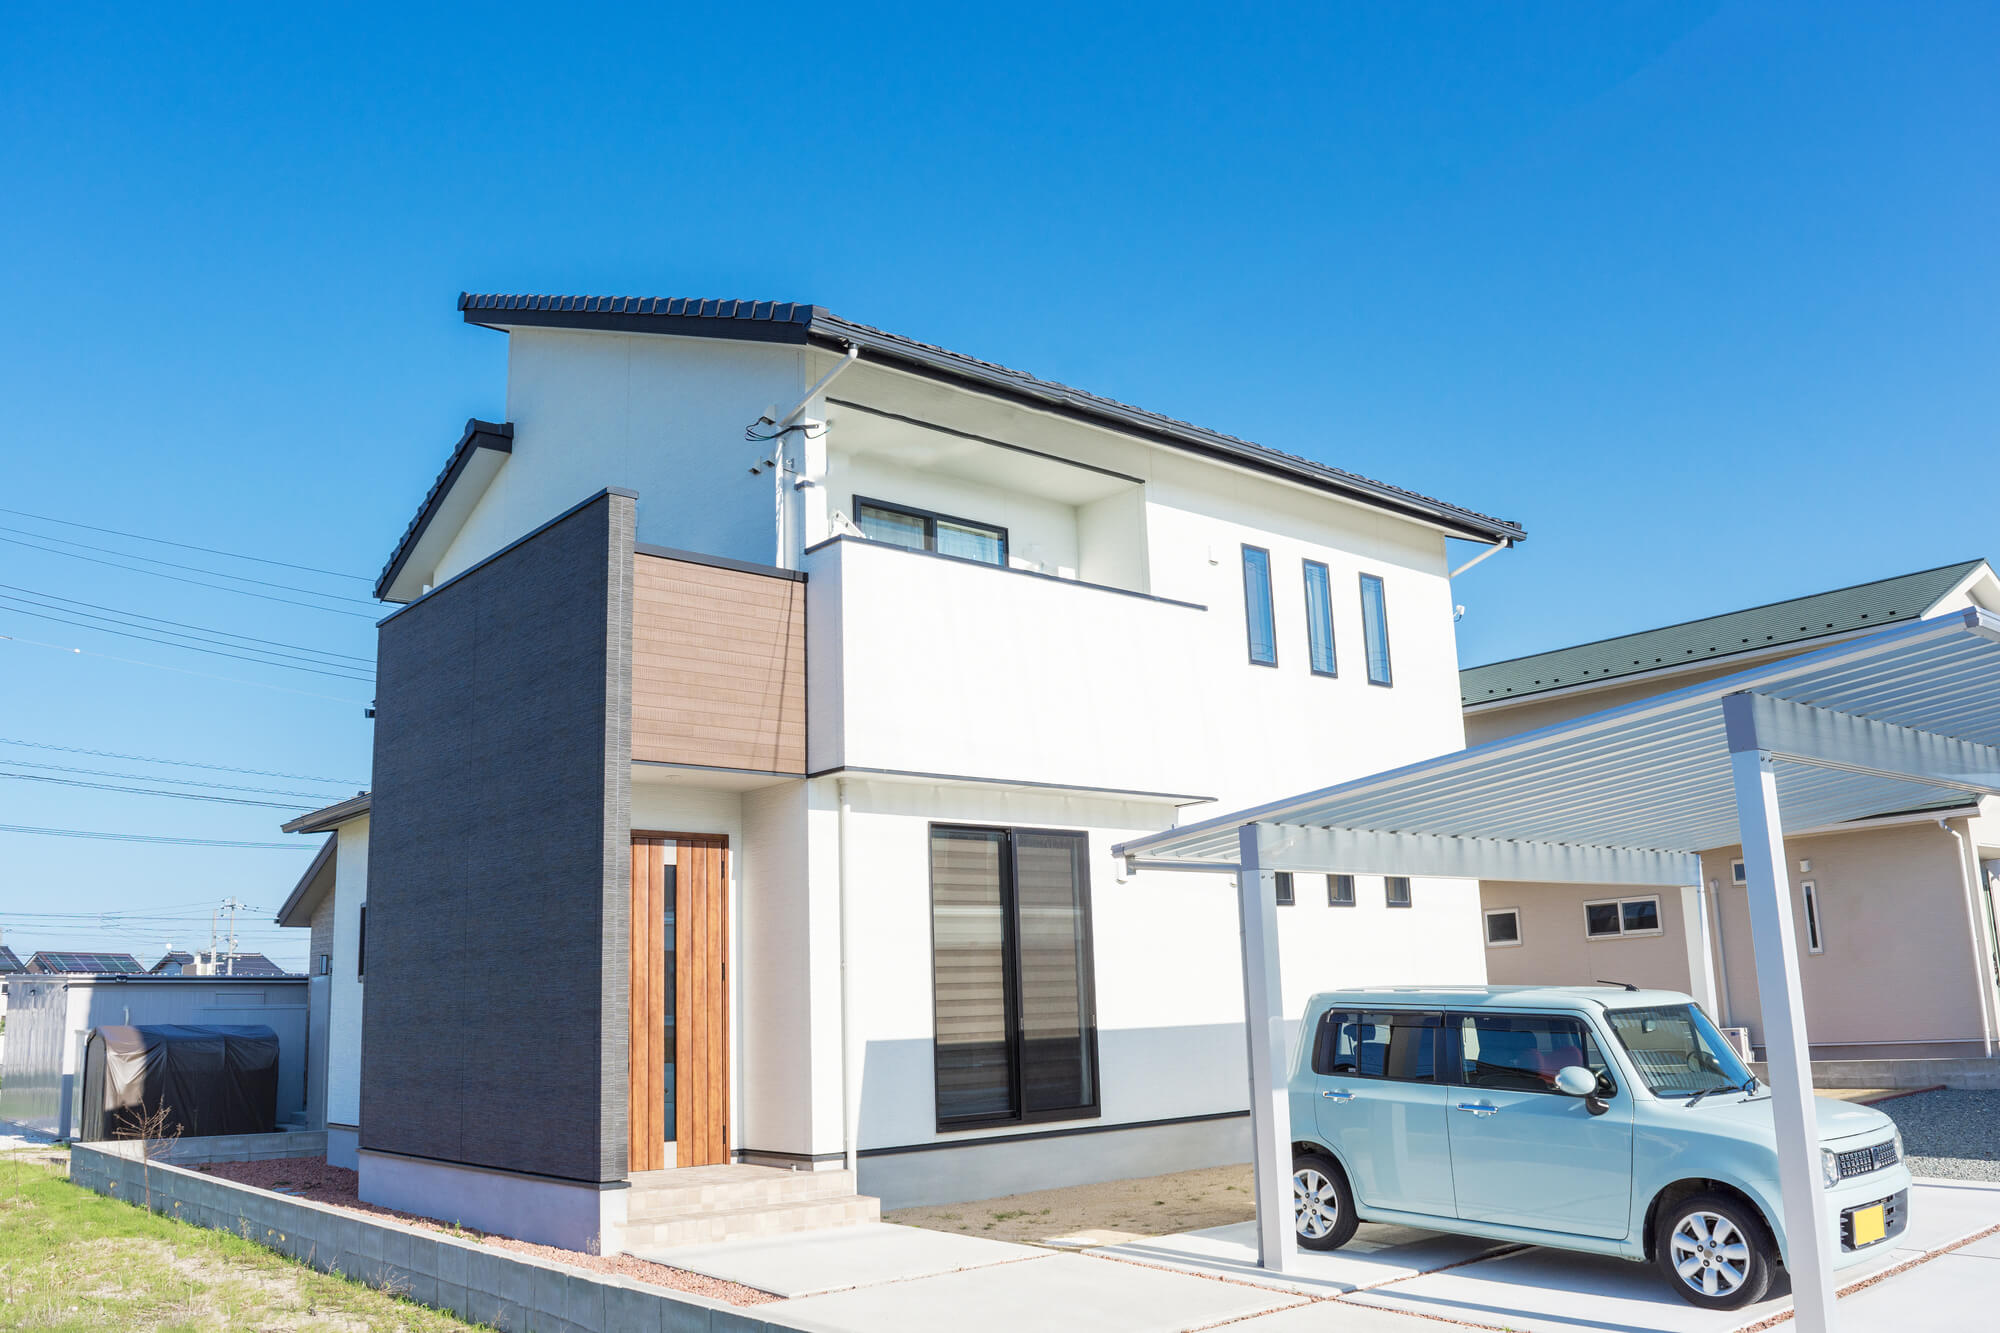 【借地権付き建物の売買—借地権の基礎知識と売却方法を徹底解説】